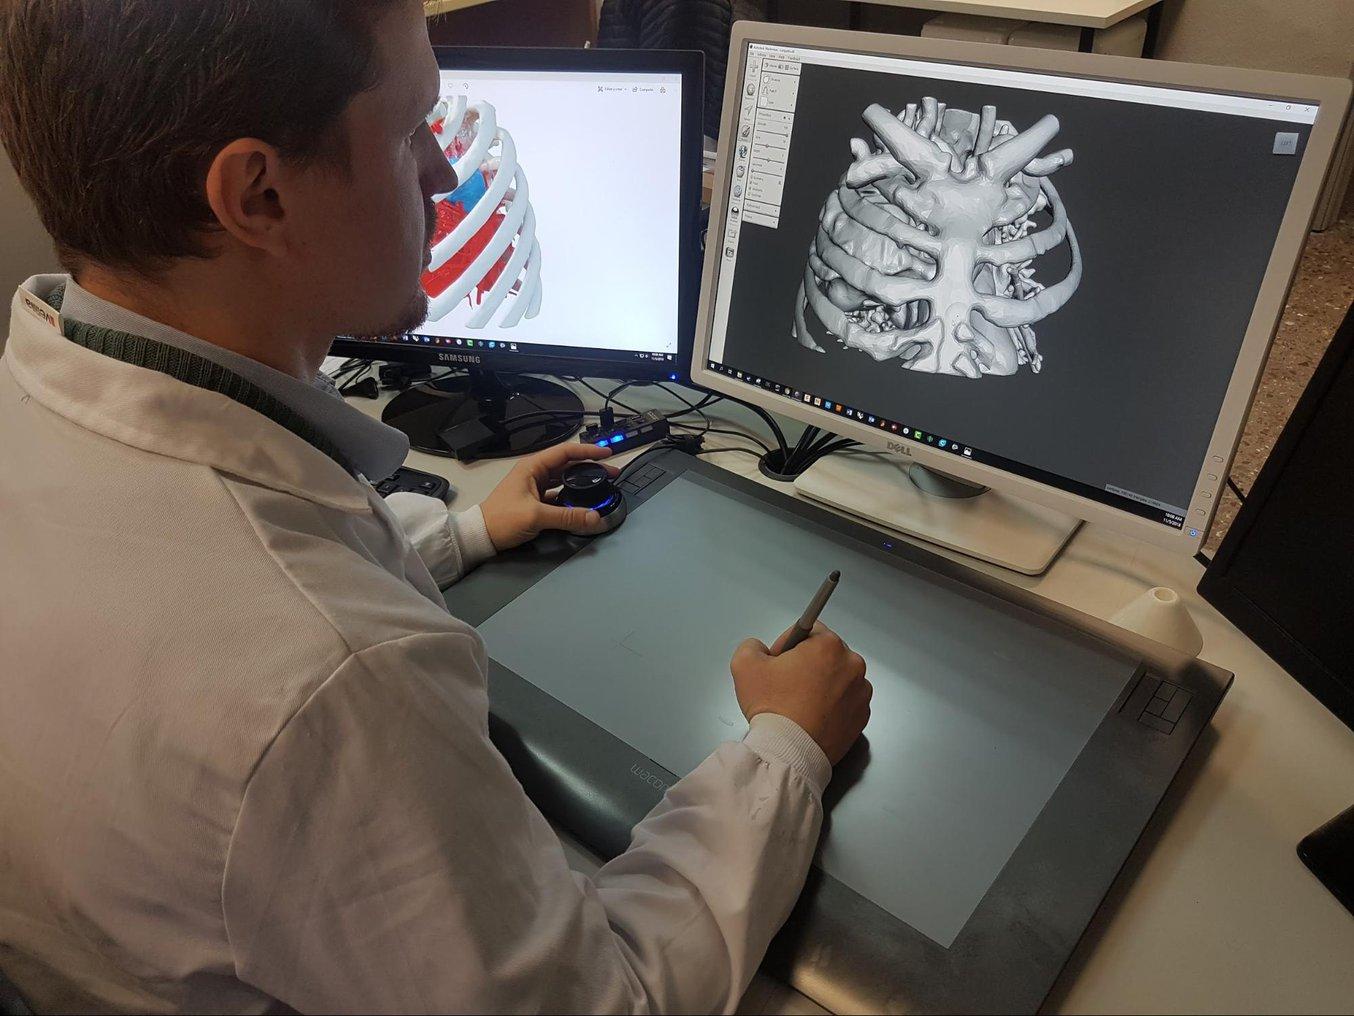 Anatomische Modelle auf Basis von CT- oder MRT-Scans eines Patienten. Die Scandaten müssen in einer Software segmentiert werden, um die wichtigen Bereiche für das 3D-Druckmodell zu isolieren.